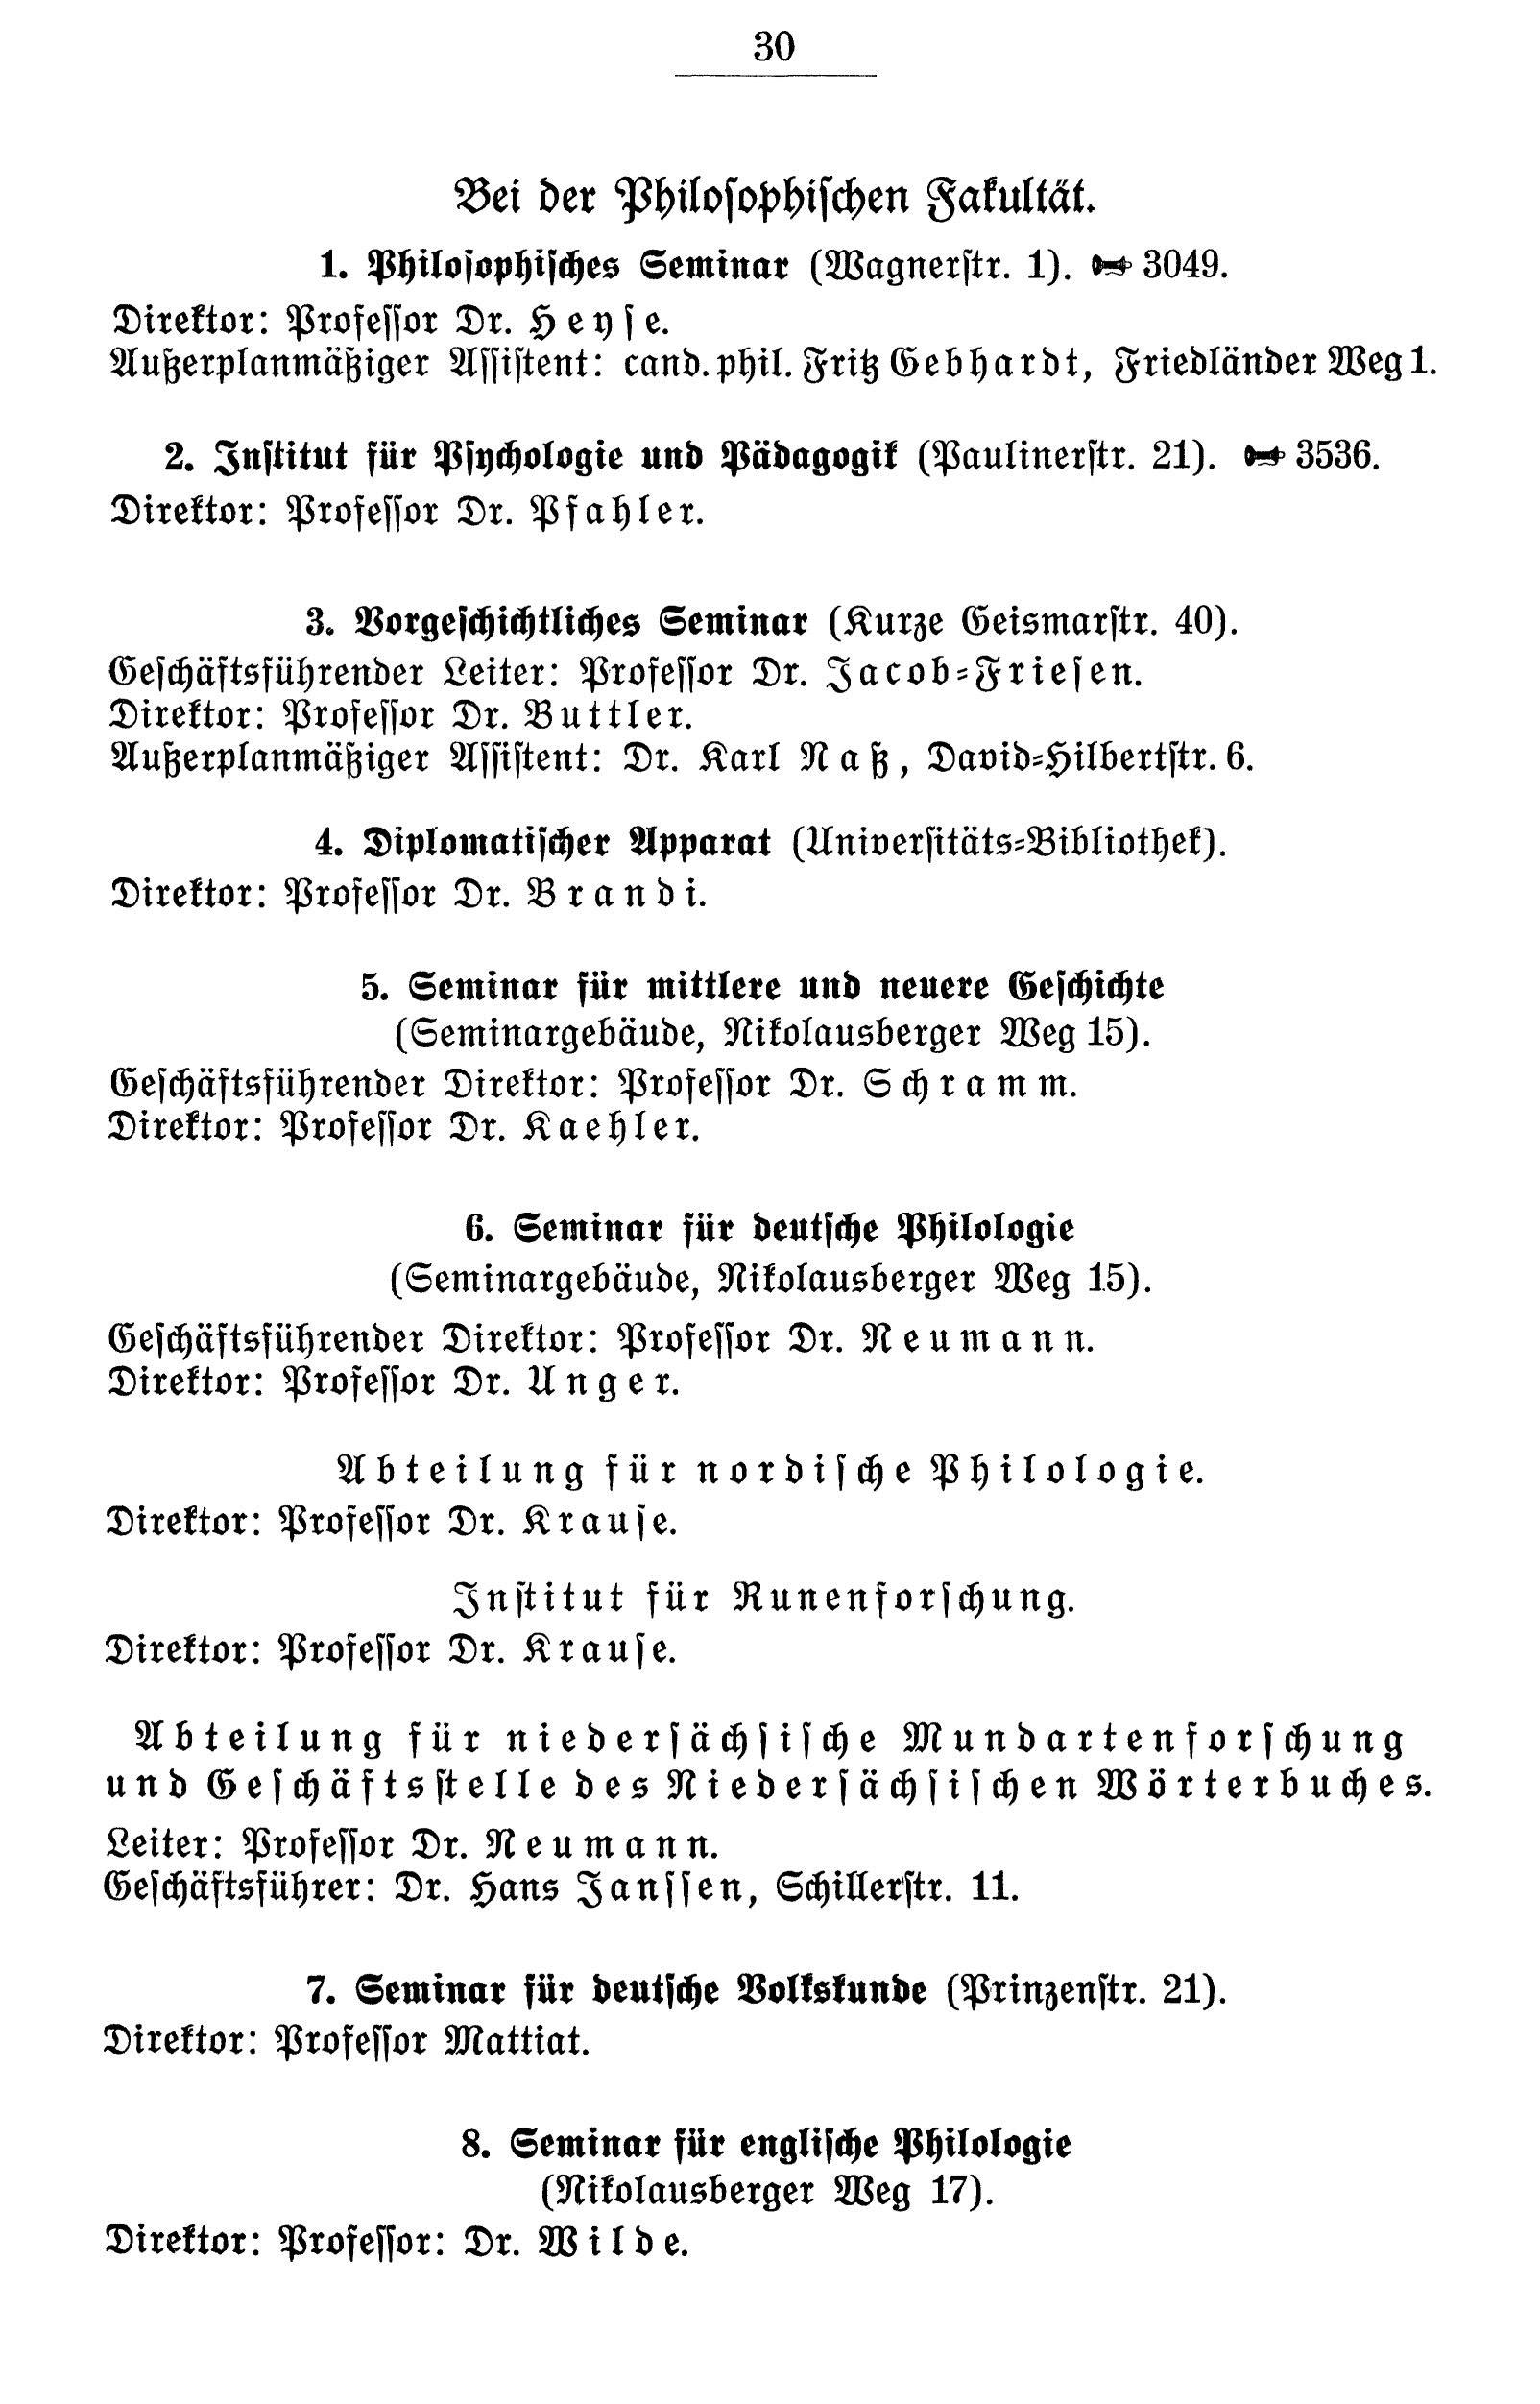 Das Pädagogische Seminar bzw. Pädagogische Institut heißt nun Institut für Psychologie und Pädagogik. Quelle: Amtliches Namenverzeichnis Verzeichnis der Vorlesungen Winterhalbjahr 1938/39 der Universität Göttingen.